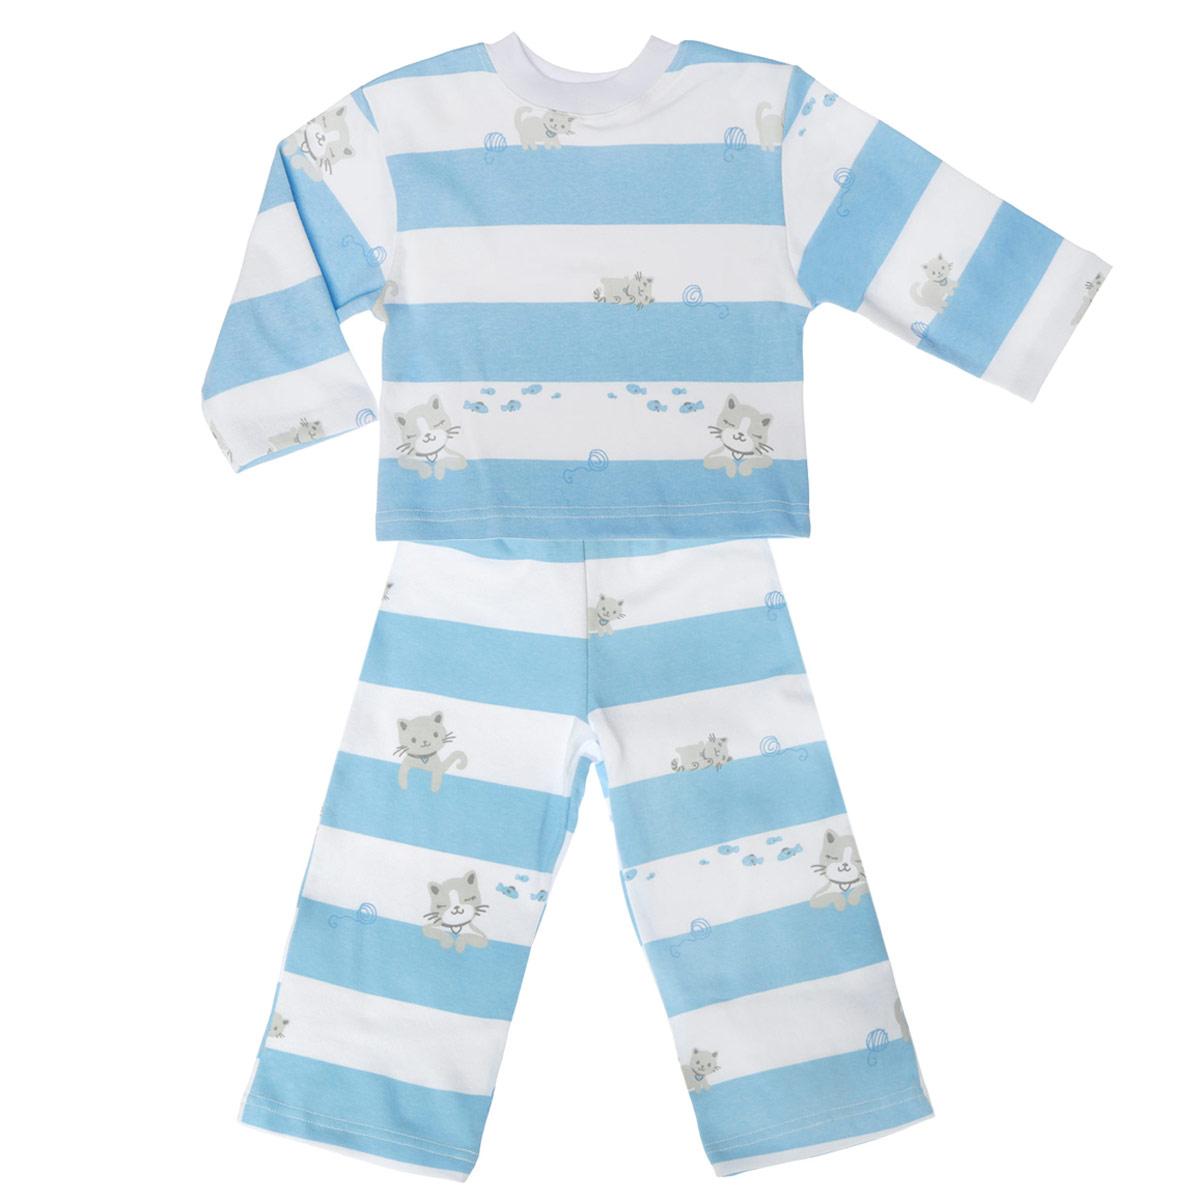 Пижама5584_котенок, полоскиУютная детская пижама Трон-плюс, состоящая из джемпера и брюк, идеально подойдет вашему ребенку и станет отличным дополнением к детскому гардеробу. Изготовленная из натурального хлопка, она необычайно мягкая и легкая, не сковывает движения, позволяет коже дышать и не раздражает даже самую нежную и чувствительную кожу ребенка. Джемпер с длинными рукавами и круглым вырезом горловины оформлен ненавязчивым принтом в полоску, а также изображениями котенка. Вырез горловины дополнен трикотажной эластичной резинкой. Брюки на талии имеют эластичную резинку, благодаря чему не сдавливают живот ребенка и не сползают. Оформлены брючки также ненавязчивым принтом в полоску и изображениями котенка. В такой пижаме ваш ребенок будет чувствовать себя комфортно и уютно во время сна.